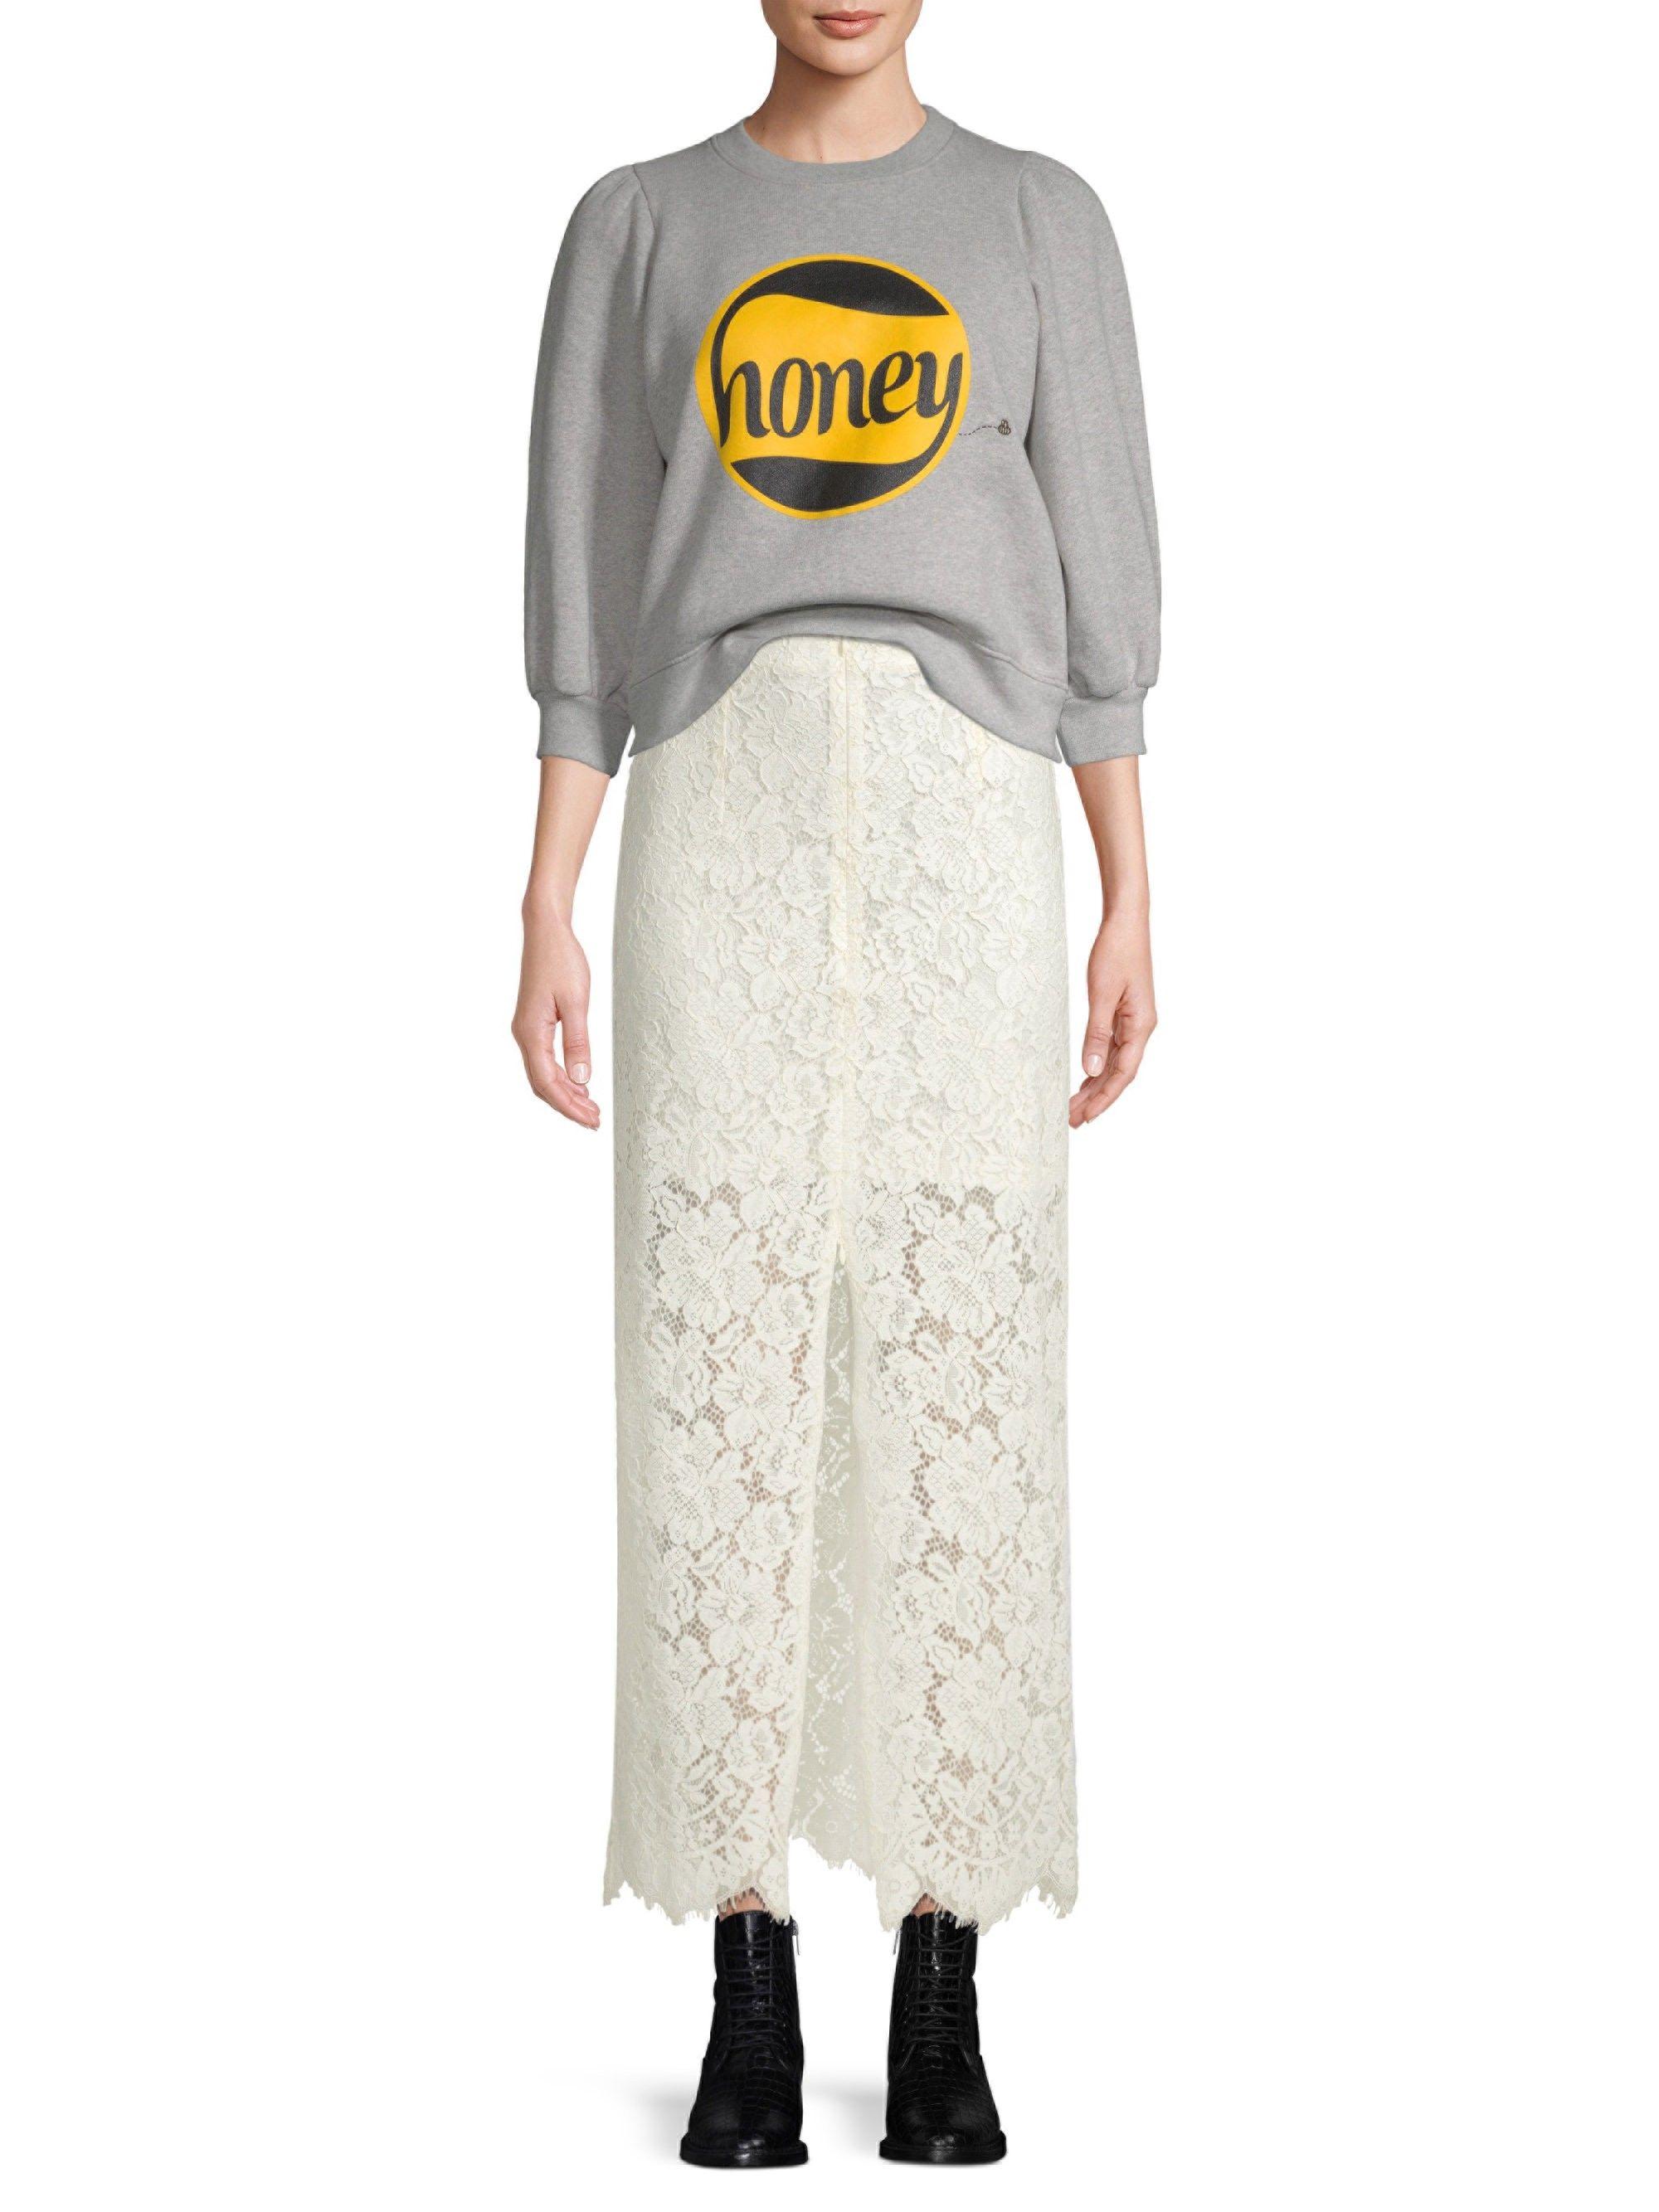 Ganni Lott Isoli Cotton Sweatshirt Paloma Melange X Small Cotton Sweatshirts Sweatshirts Ganni [ 2667 x 2000 Pixel ]